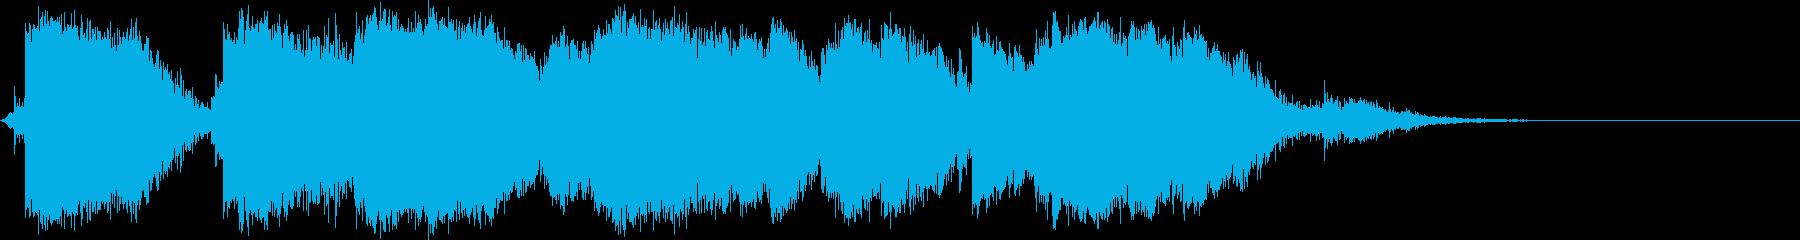 大規模な金属クラッタクラッシュの再生済みの波形